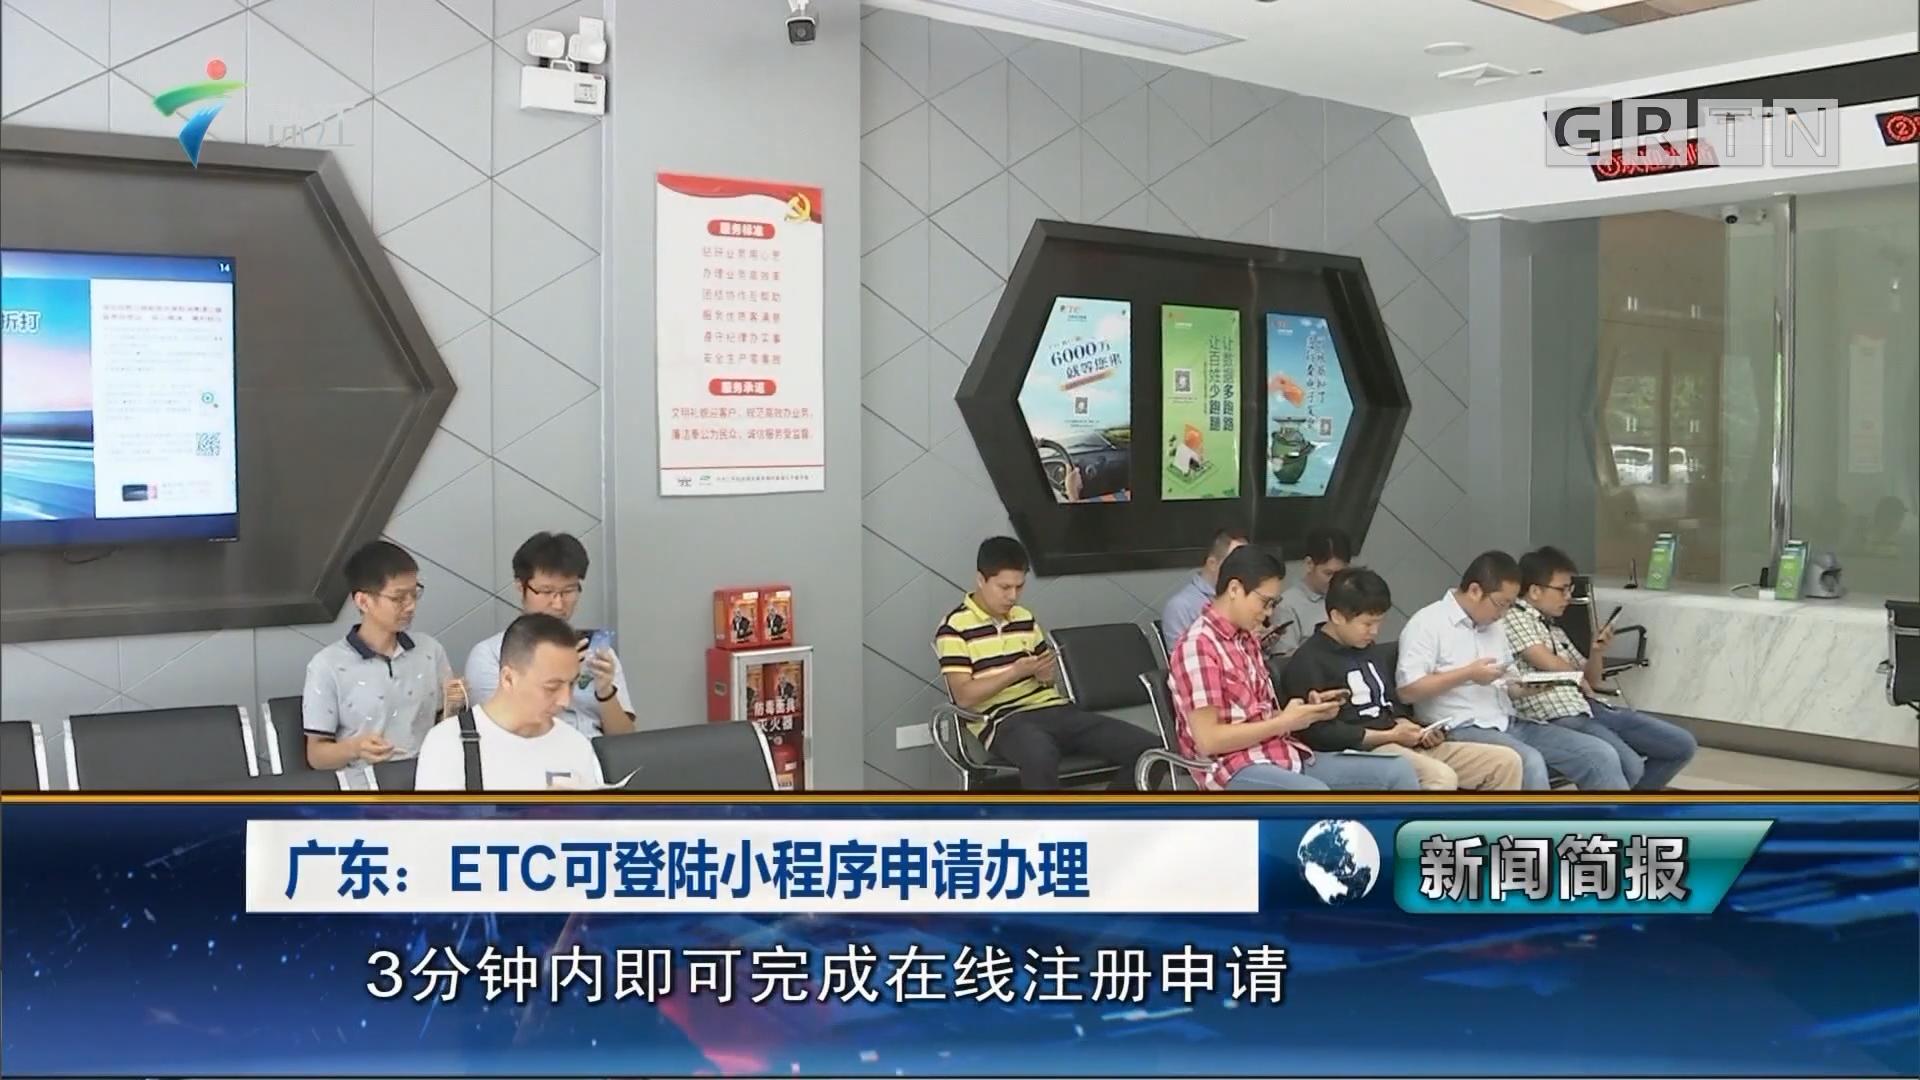 广东:ETC可登陆小程序申请办理